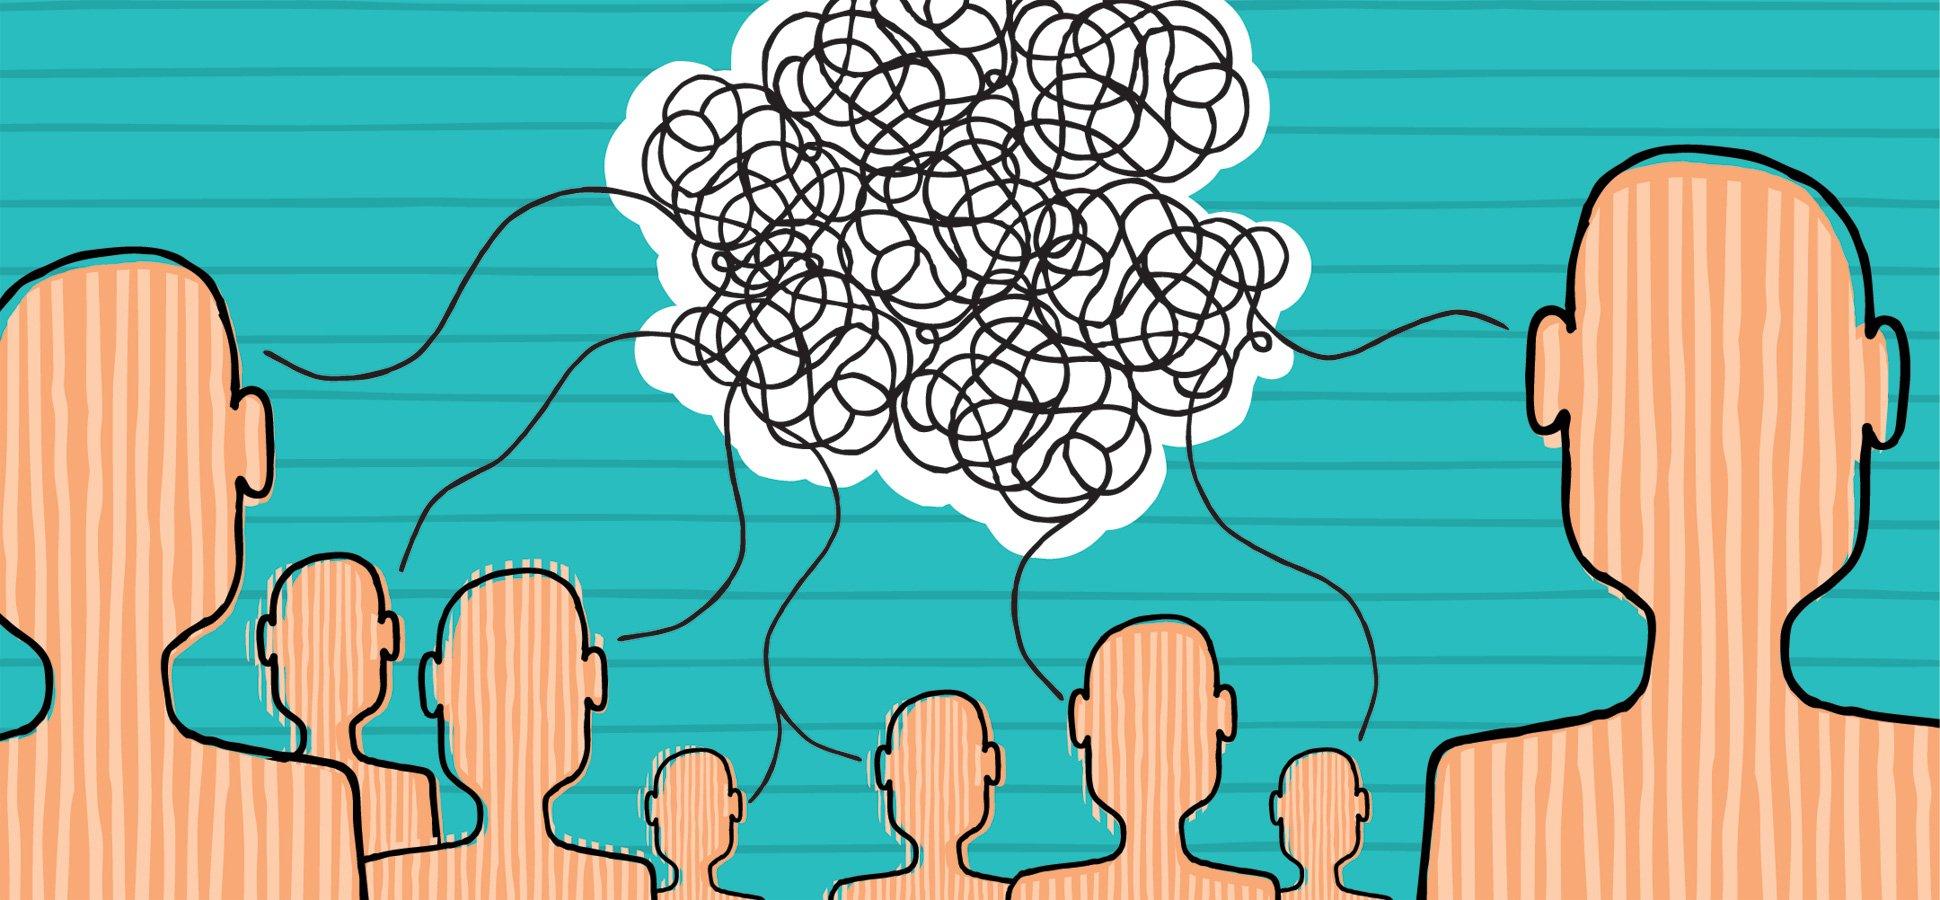 Học tiếng anh giao tiếp đang được rất nhiều học viên quan tâm